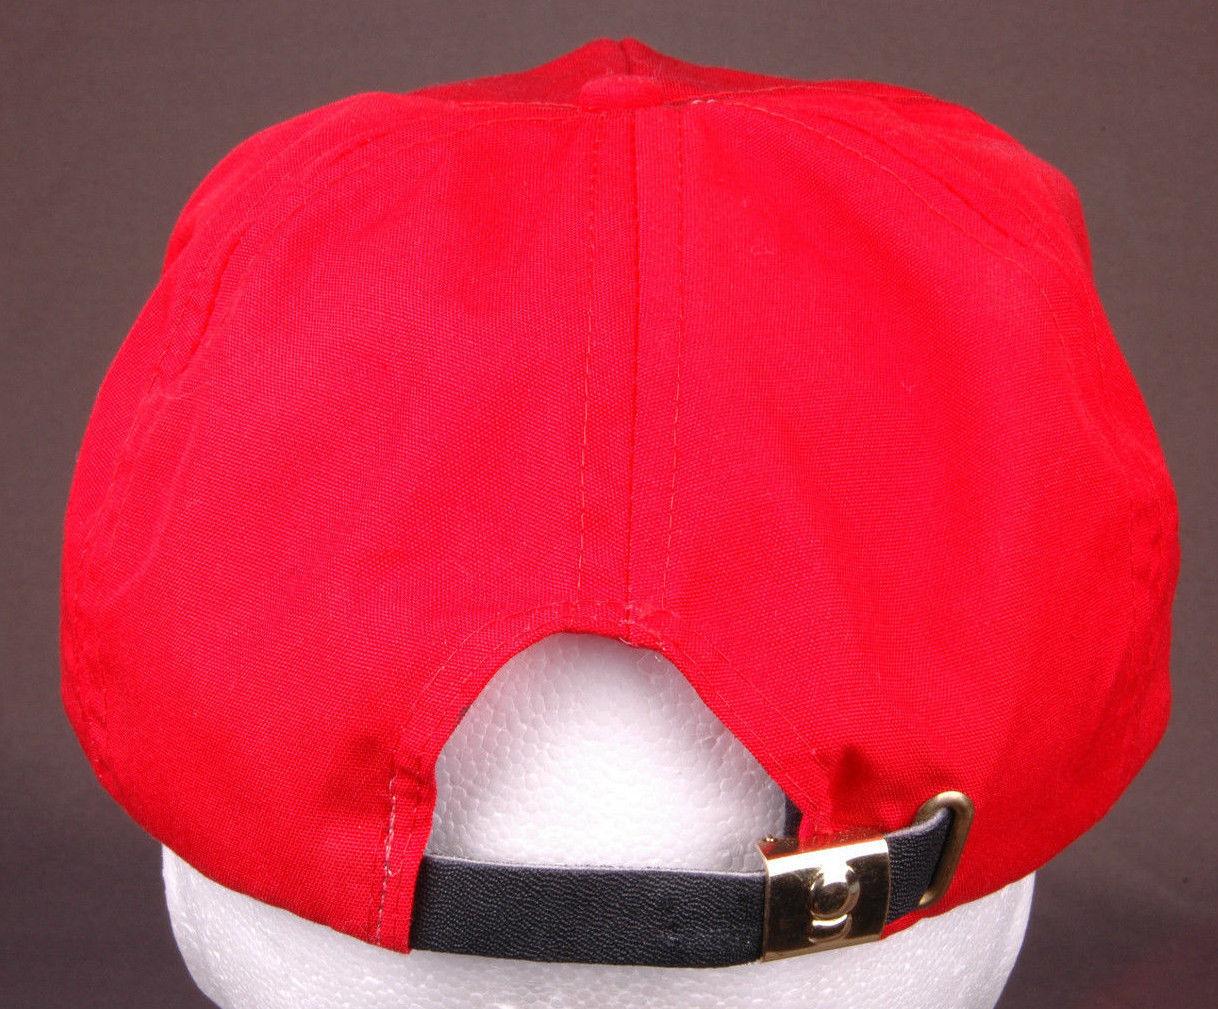 Vtg RANGE OFFICER Hat-Rope Bill-Leather Strapback-Red-Baseball Cap-Star-New